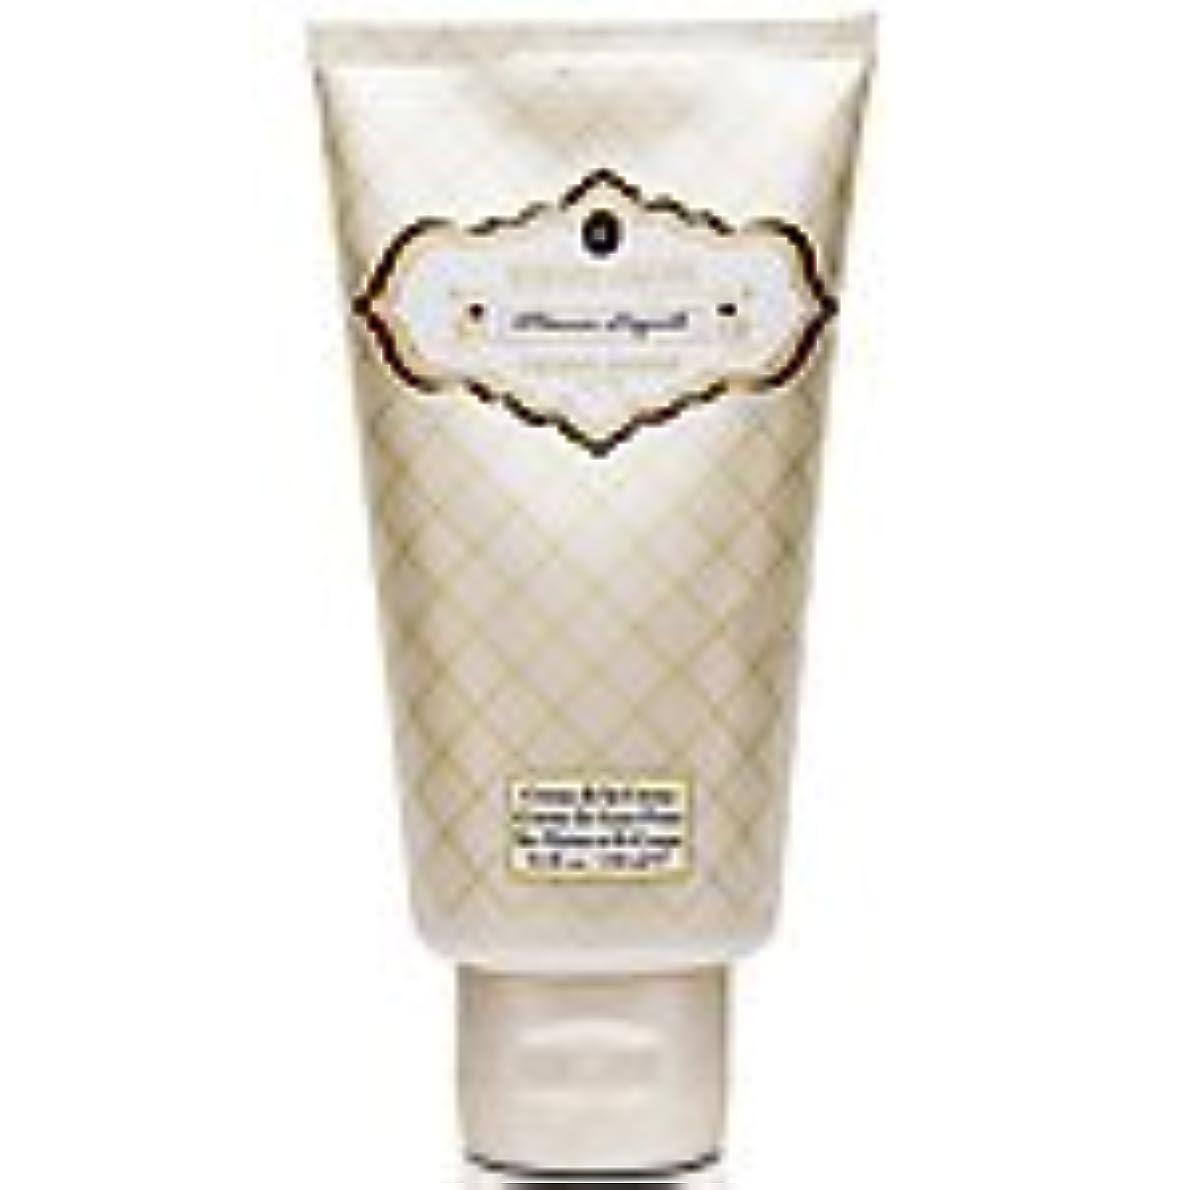 ポルトガル語見分ける無駄にMemoire Liquide Reserve - Vacances Liquide (メモワールリキッドリザーブ - バカンスリキッド) 5.1 oz oz (153ml) Body Cream for Unisex